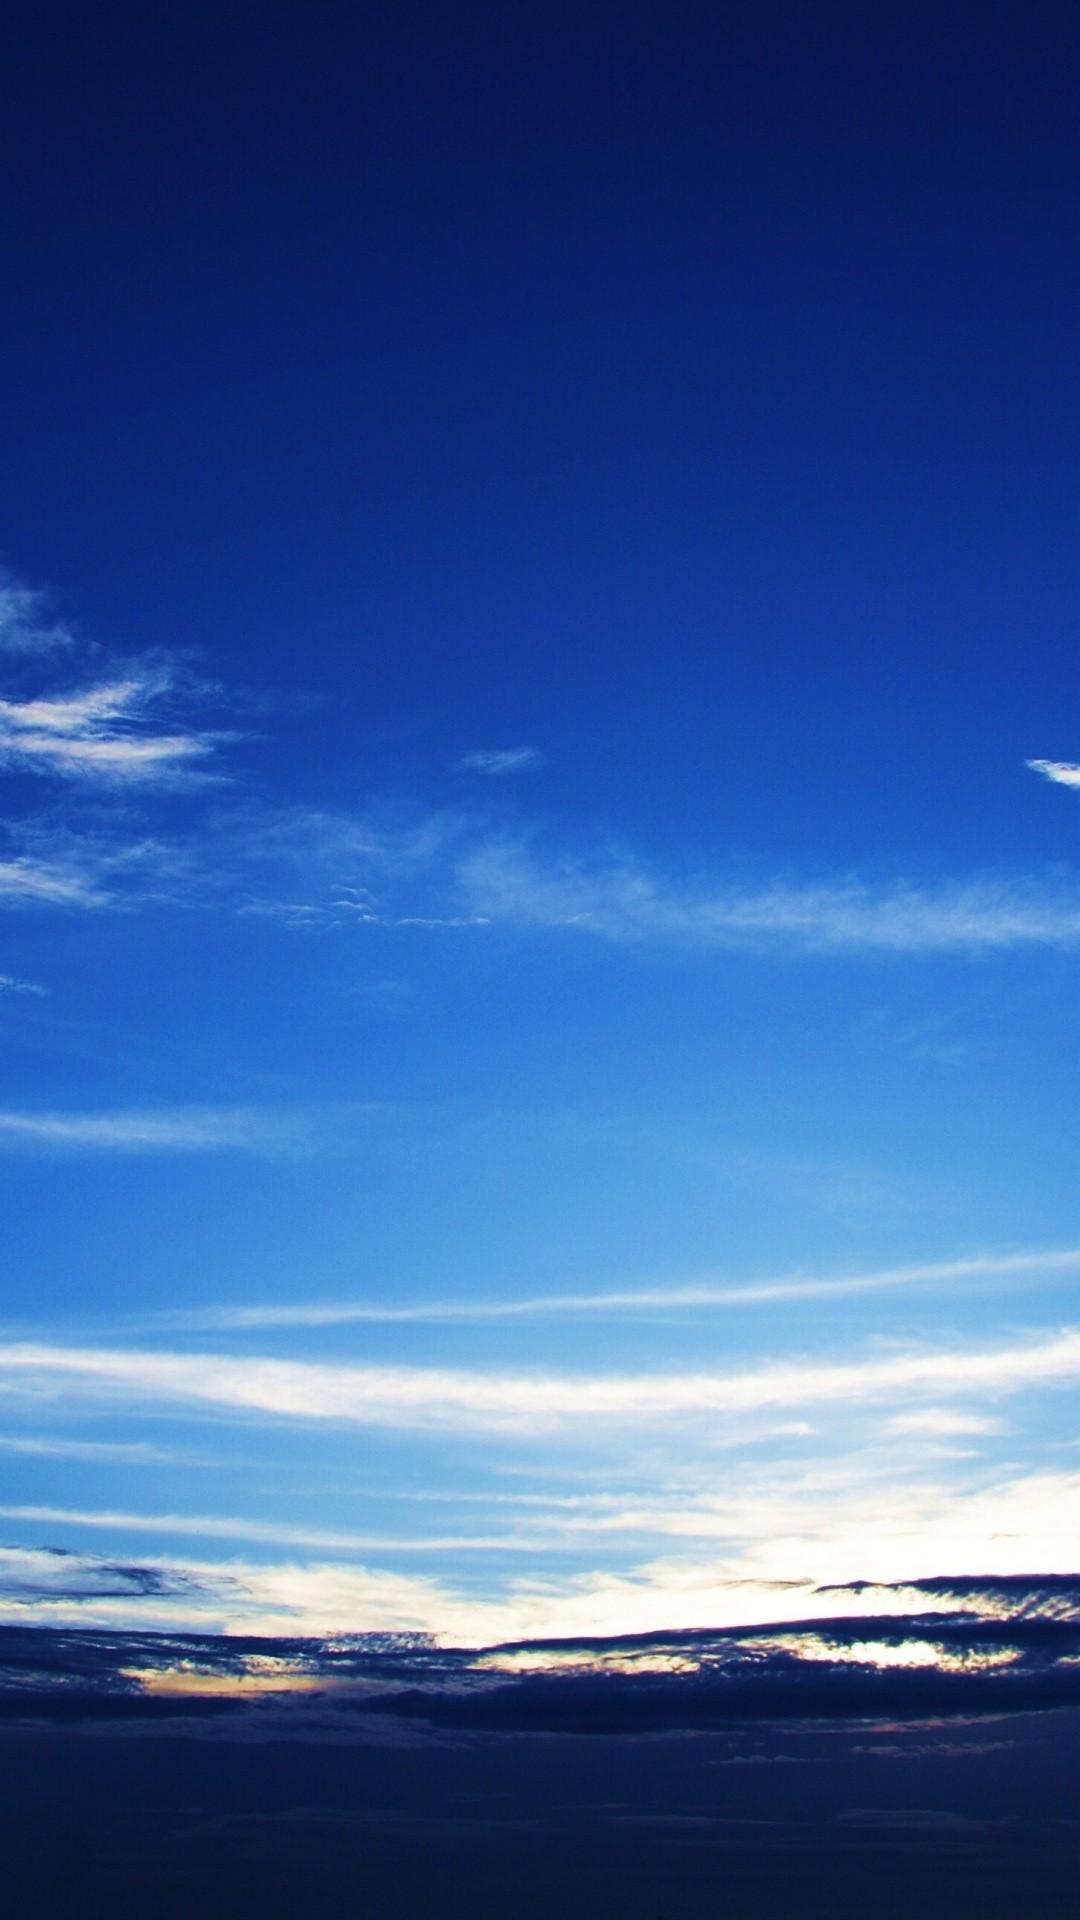 Sky wallpaper iphone